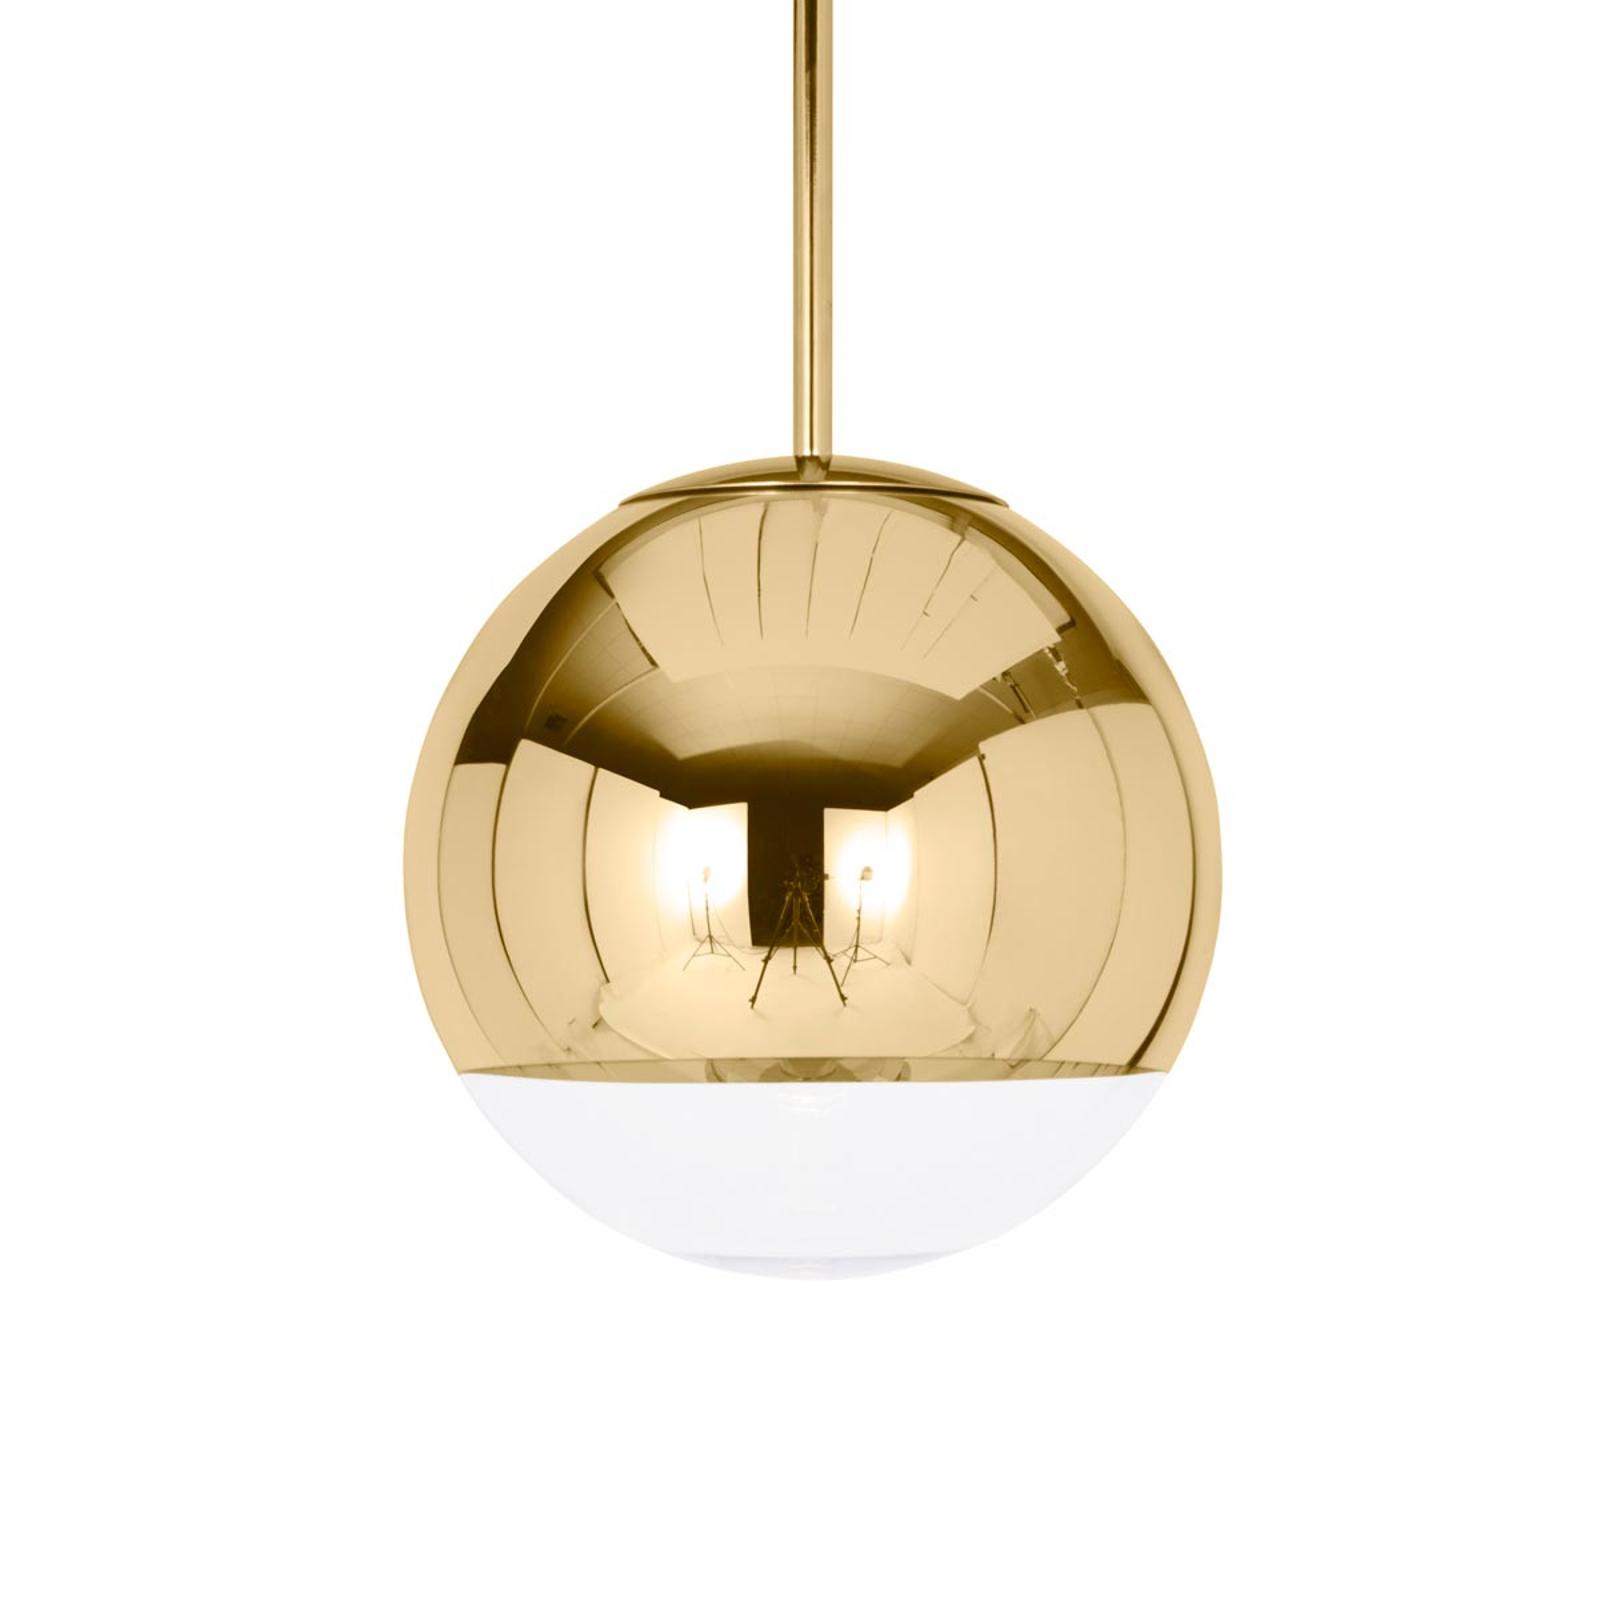 Tom Dixon Mirror Ball - Hängeleuchte gold, 25 cm